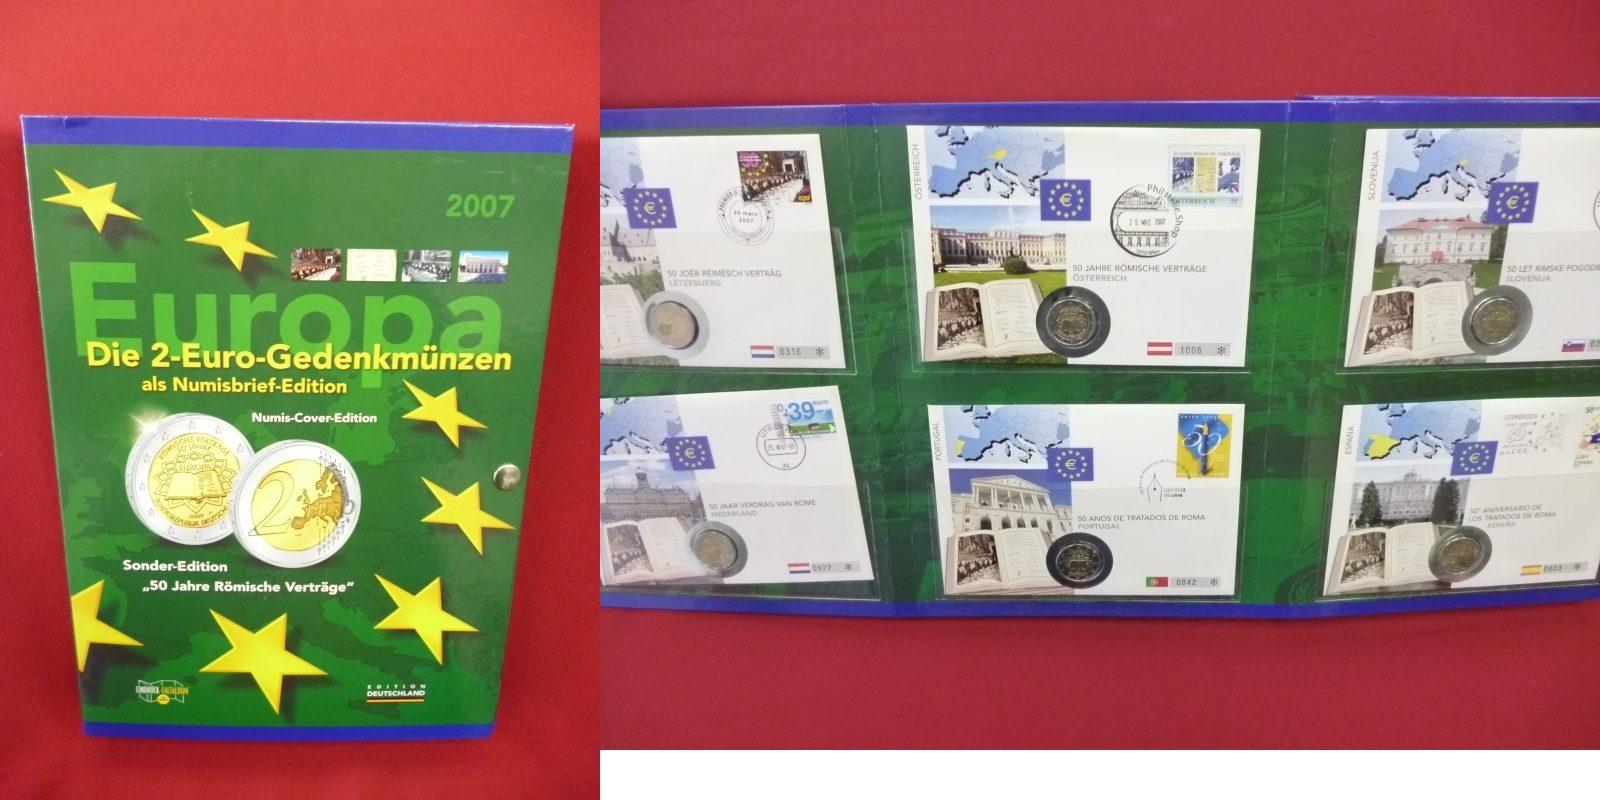 13 X 2 Euro Gedenkmünze 2007 Euro Zone Brd Frankreich Niederlande